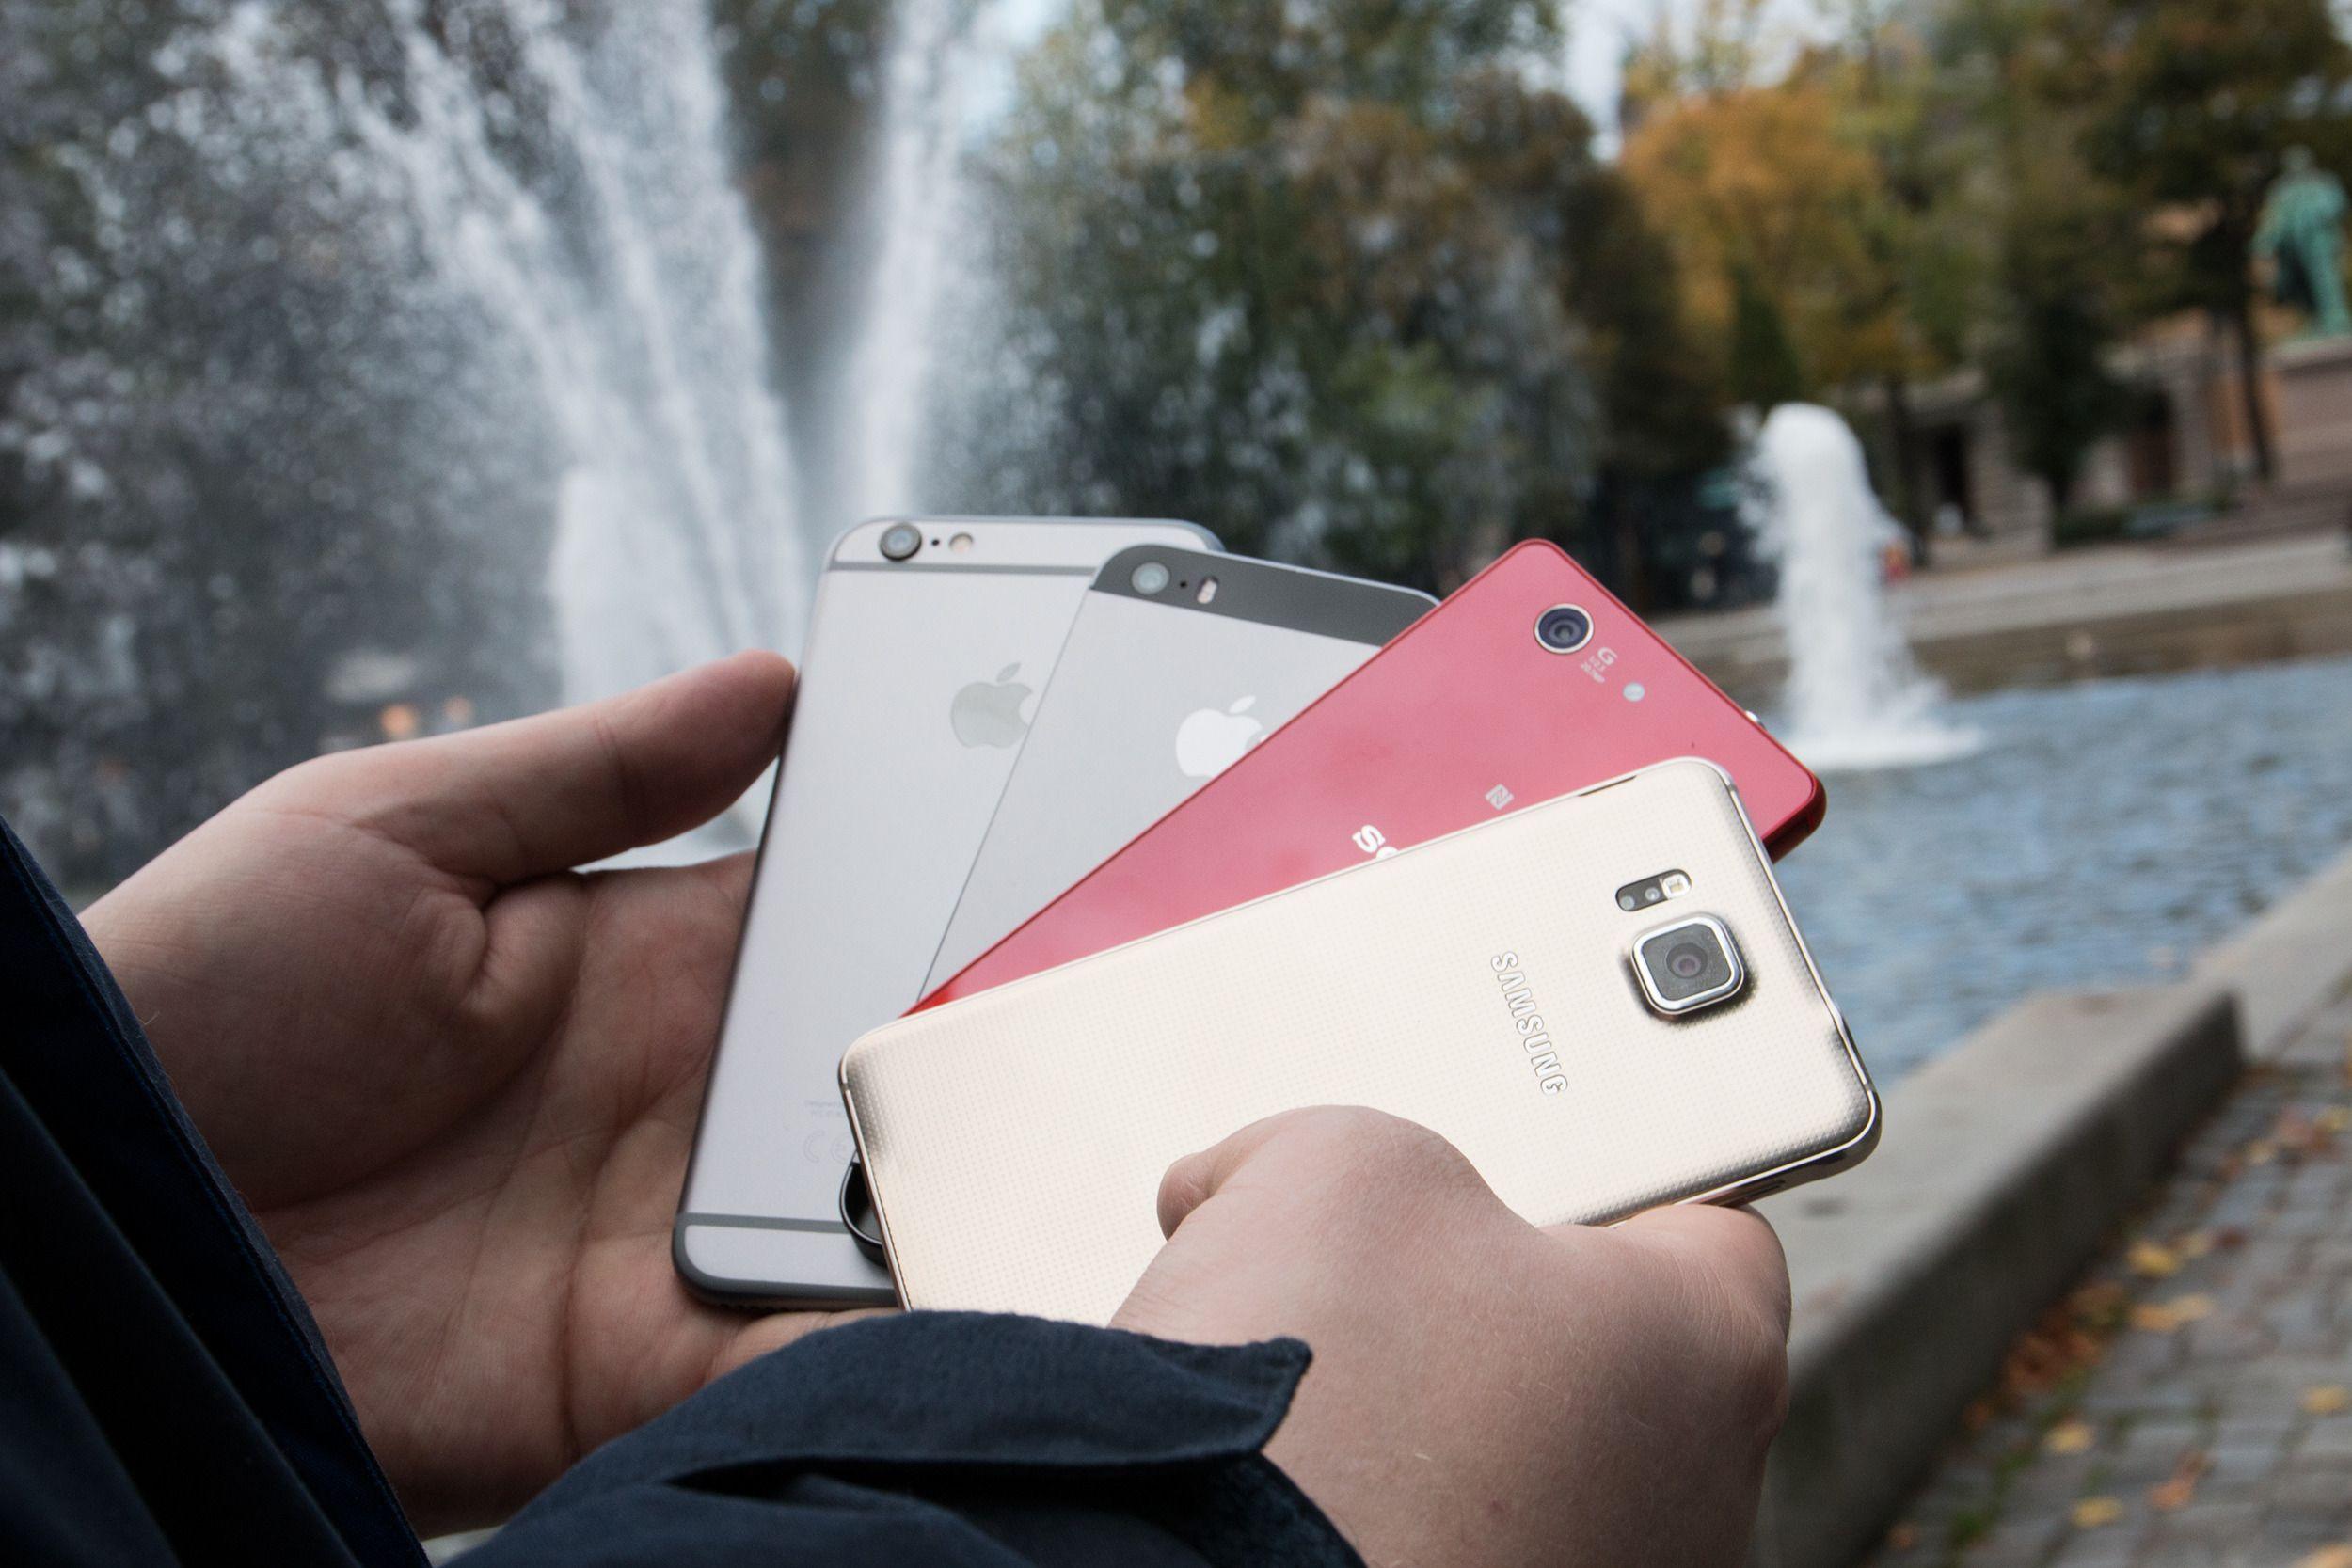 Vi måtte naturligvis også sammenlikne litt med vanlige iPhone 6, og de nærmeste konkurrentene.Foto: Jørgen Elton Nilsen, Tek.no